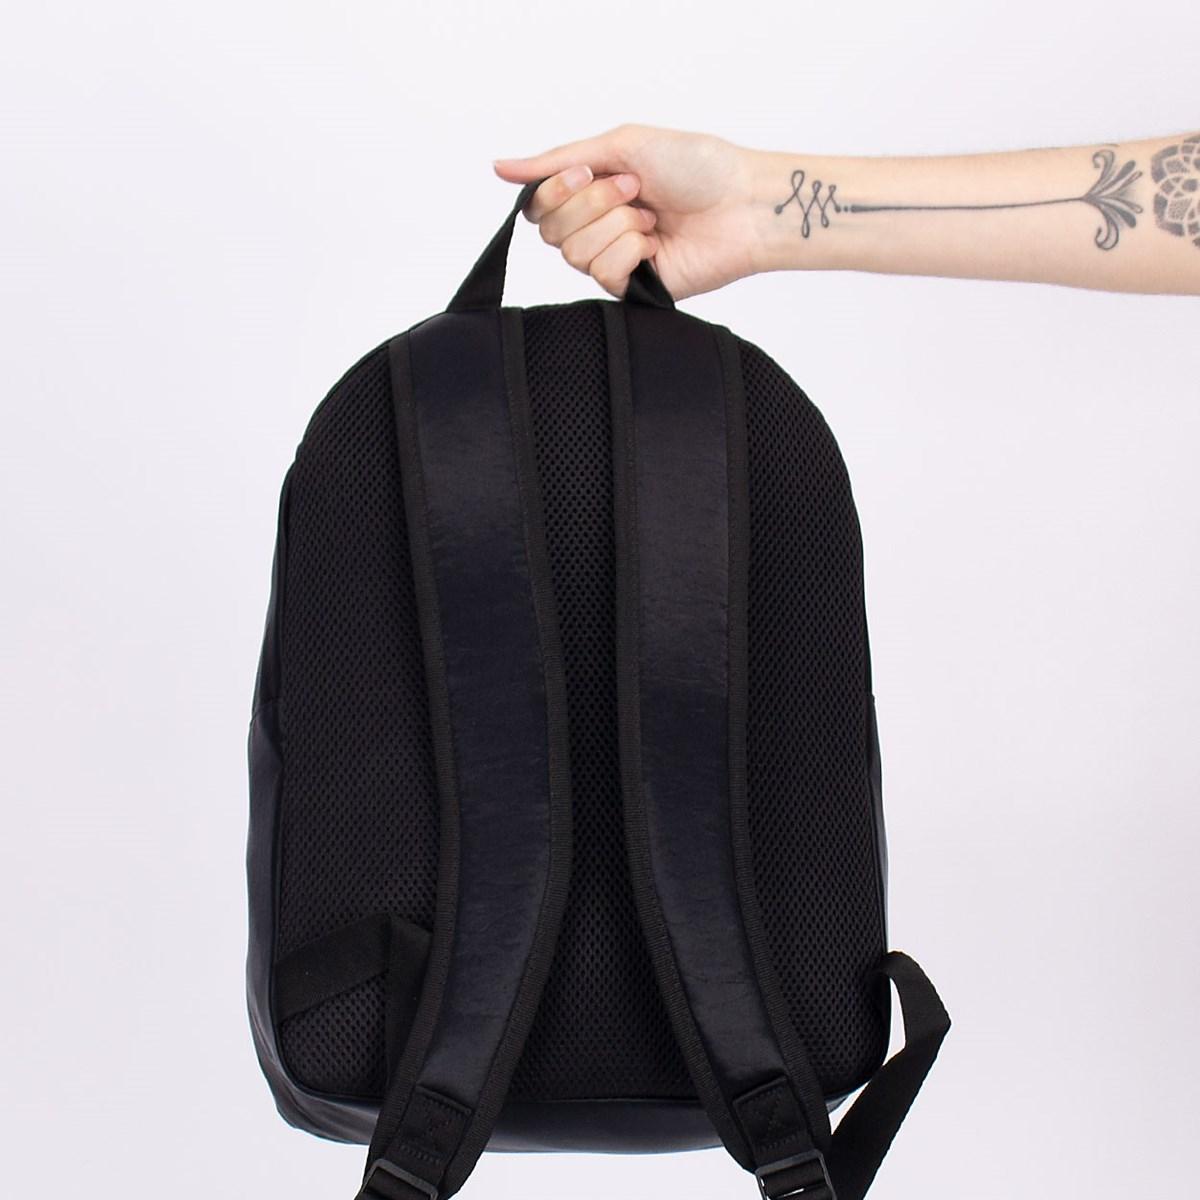 Mochila adidas Originals Black GD1641